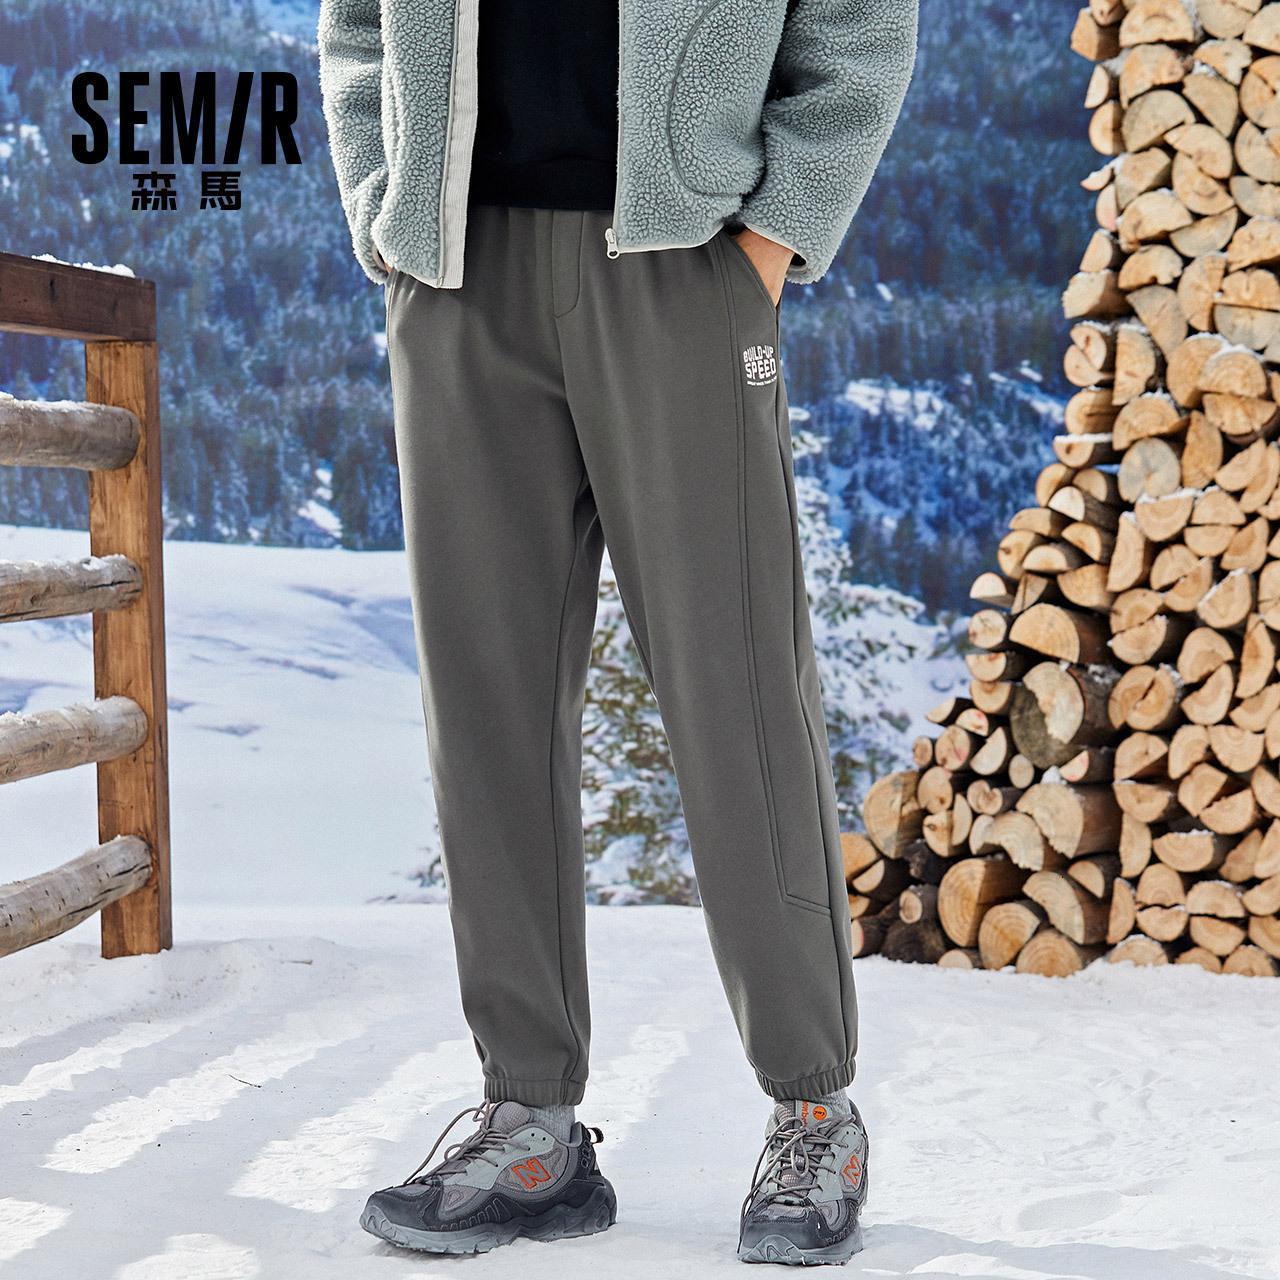 Мужские осенние брюки зима Плюшевые спортивные брюки мужские Корейский моды повседневные брюки